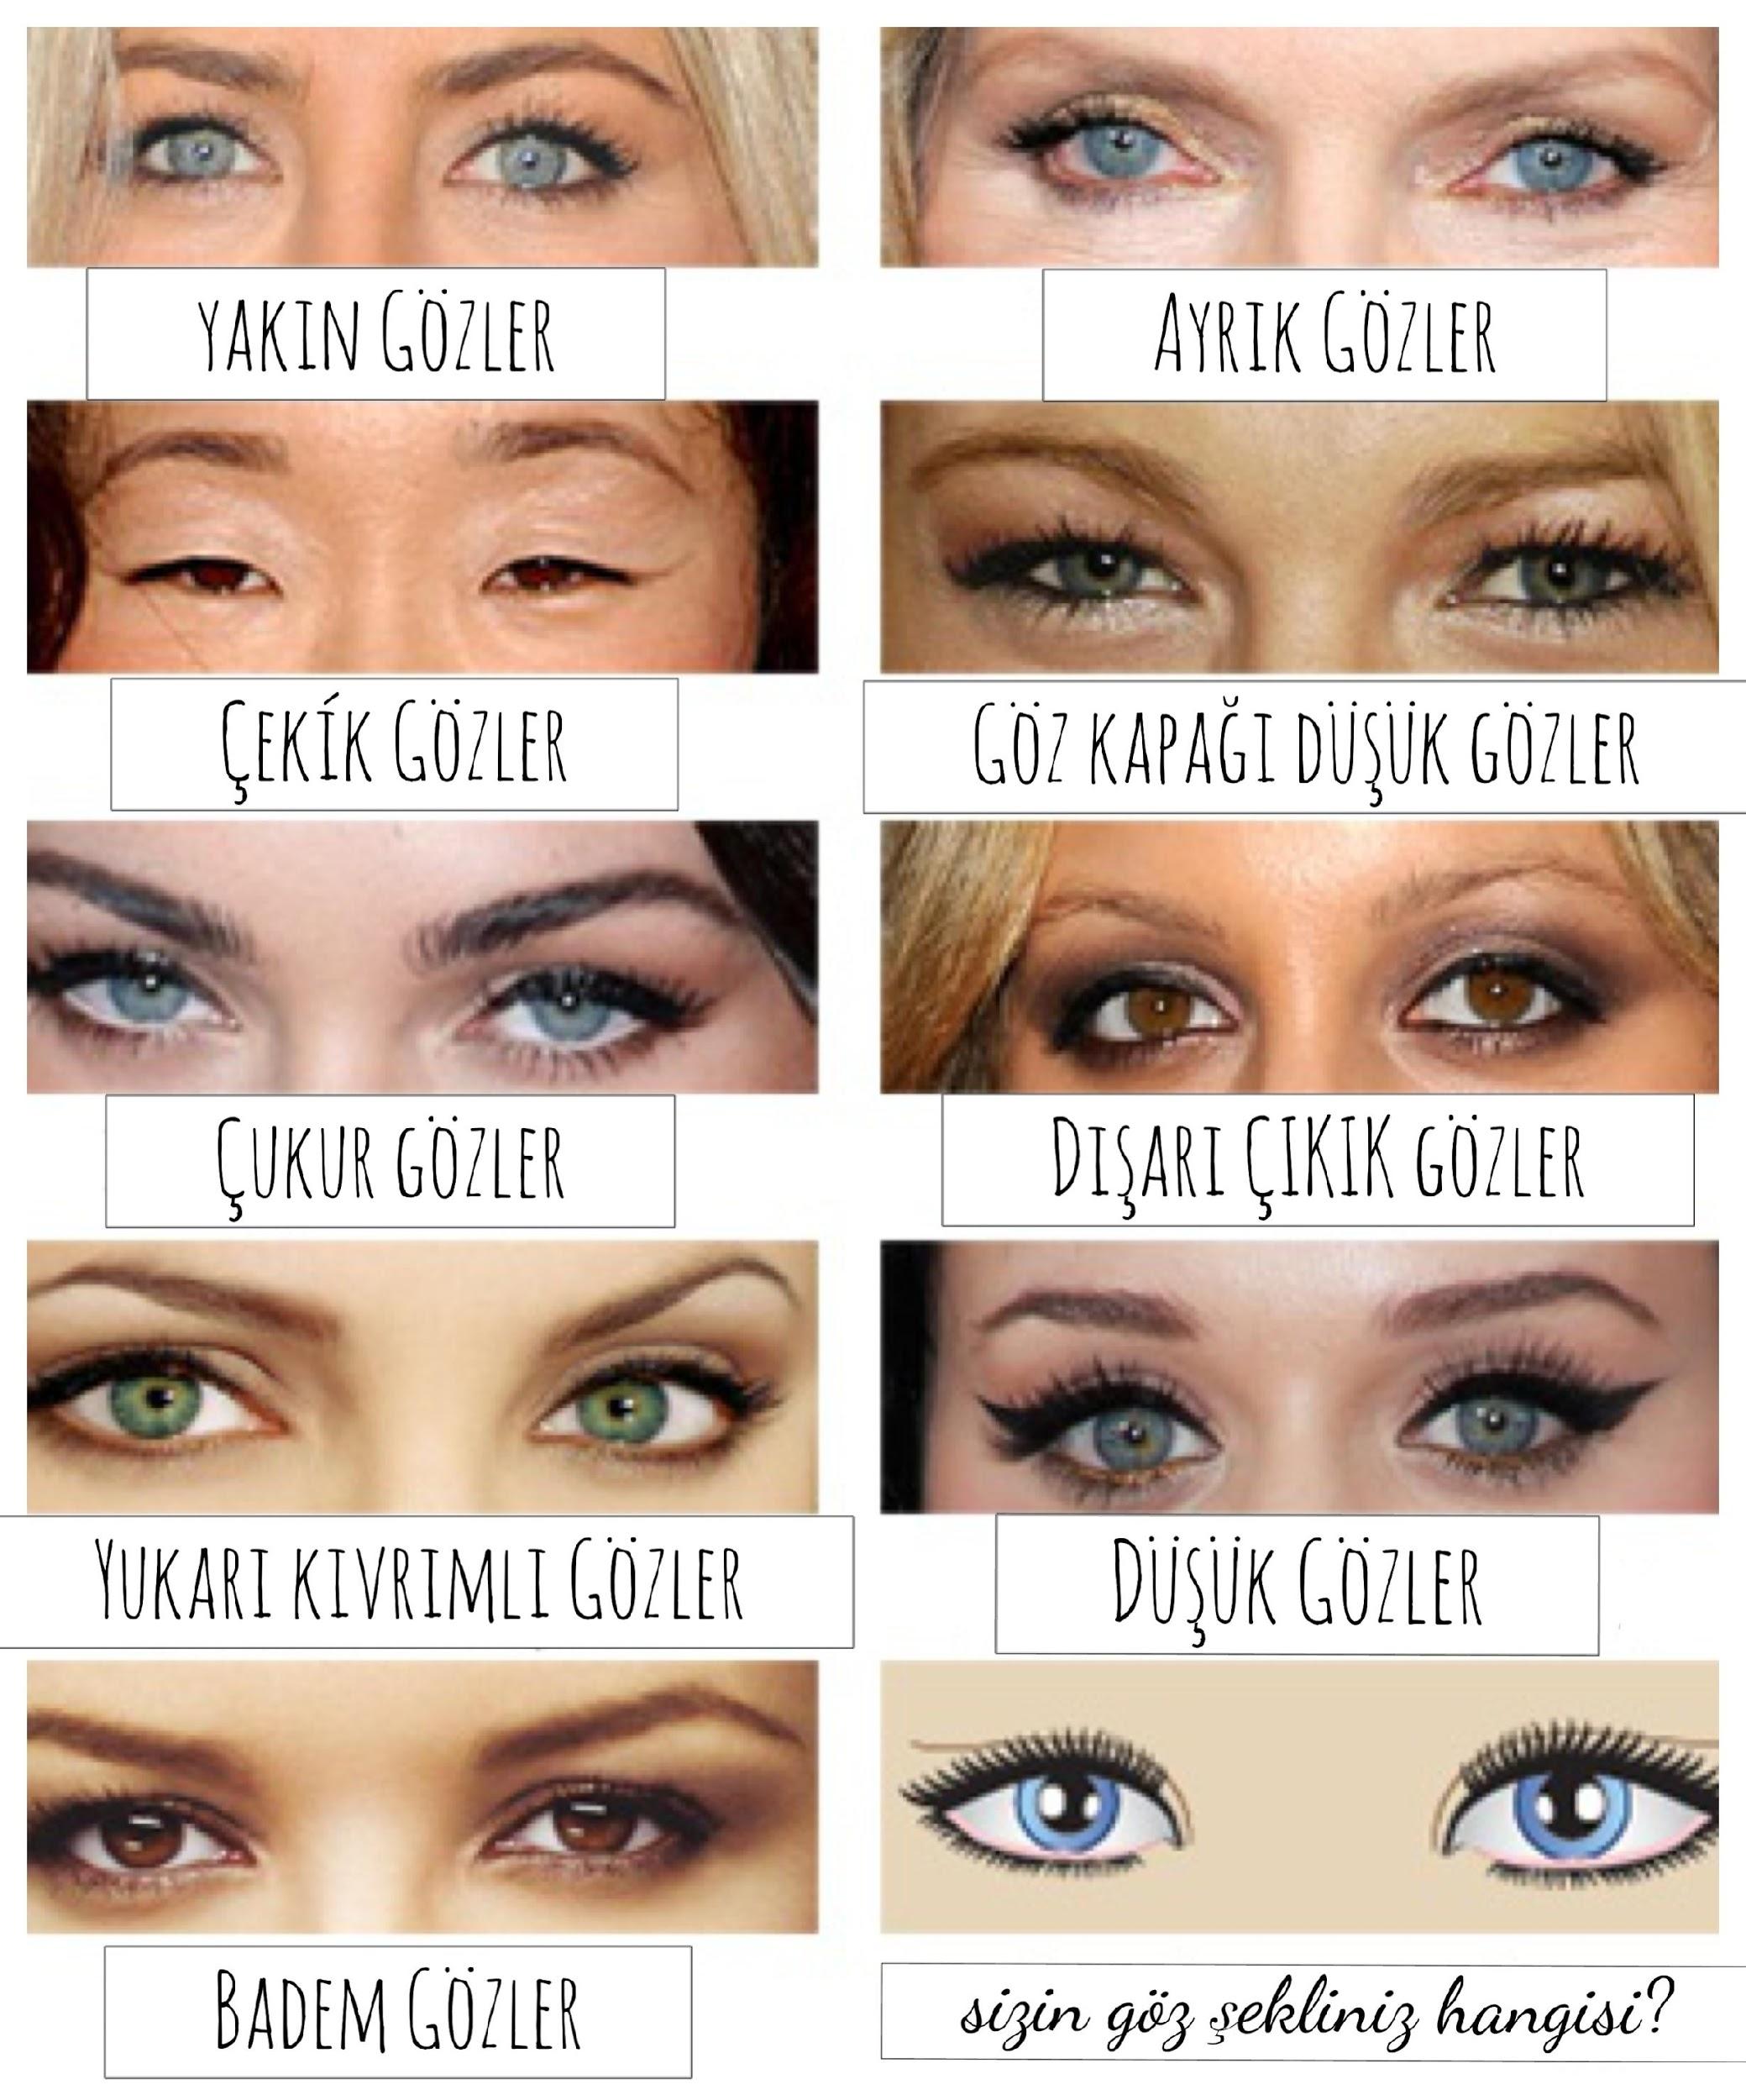 Düşük Göz Kapağına Nasıl Eyeliner Çekilir